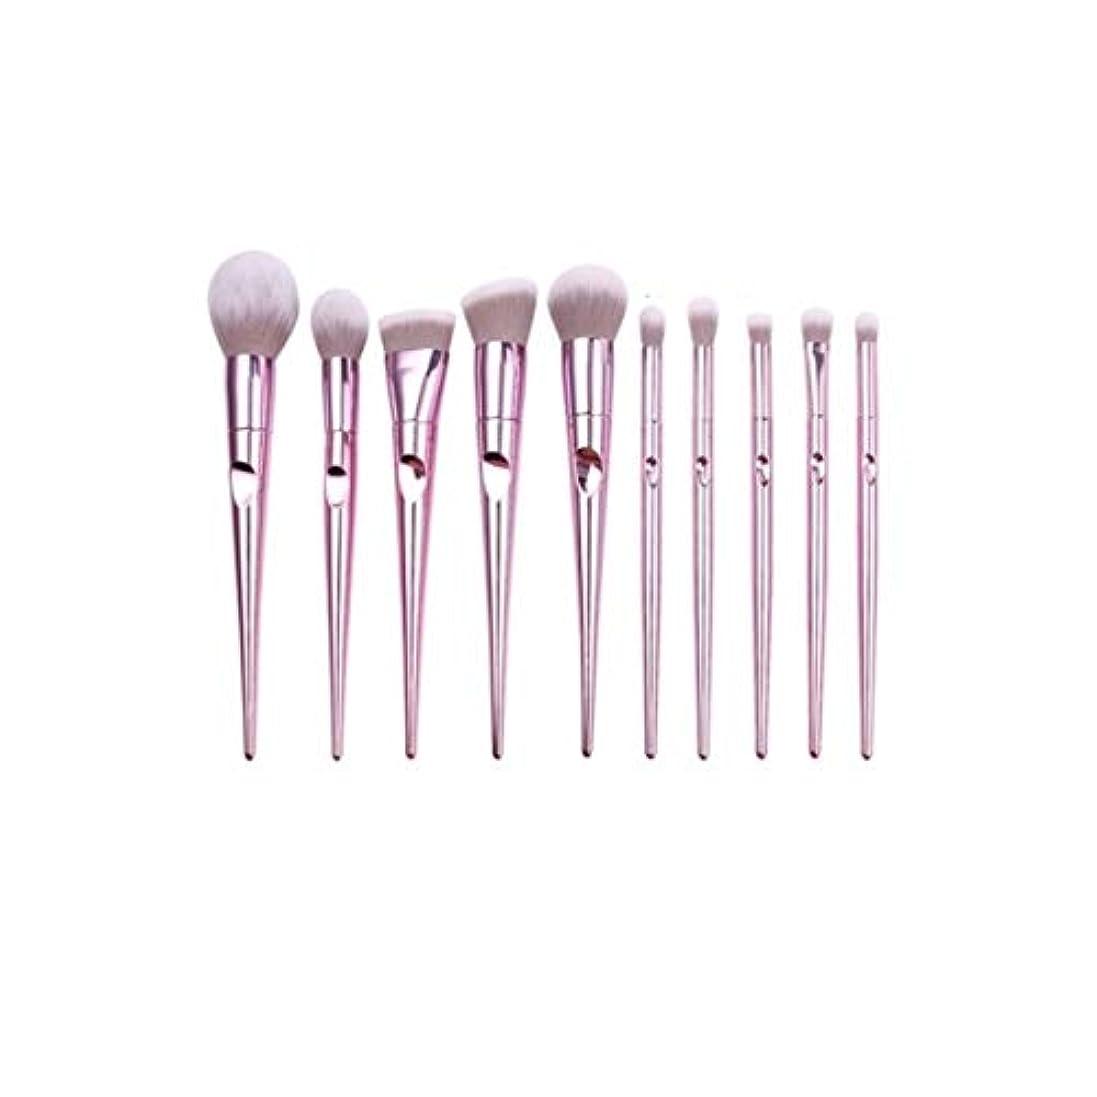 仲良し間に合わせ無関心TUOFL アイシャドウブラシ女性ブラシセットウォレットブラシのメイクブラシセットフルセット、ピンク、10点セット (Color : Pink)